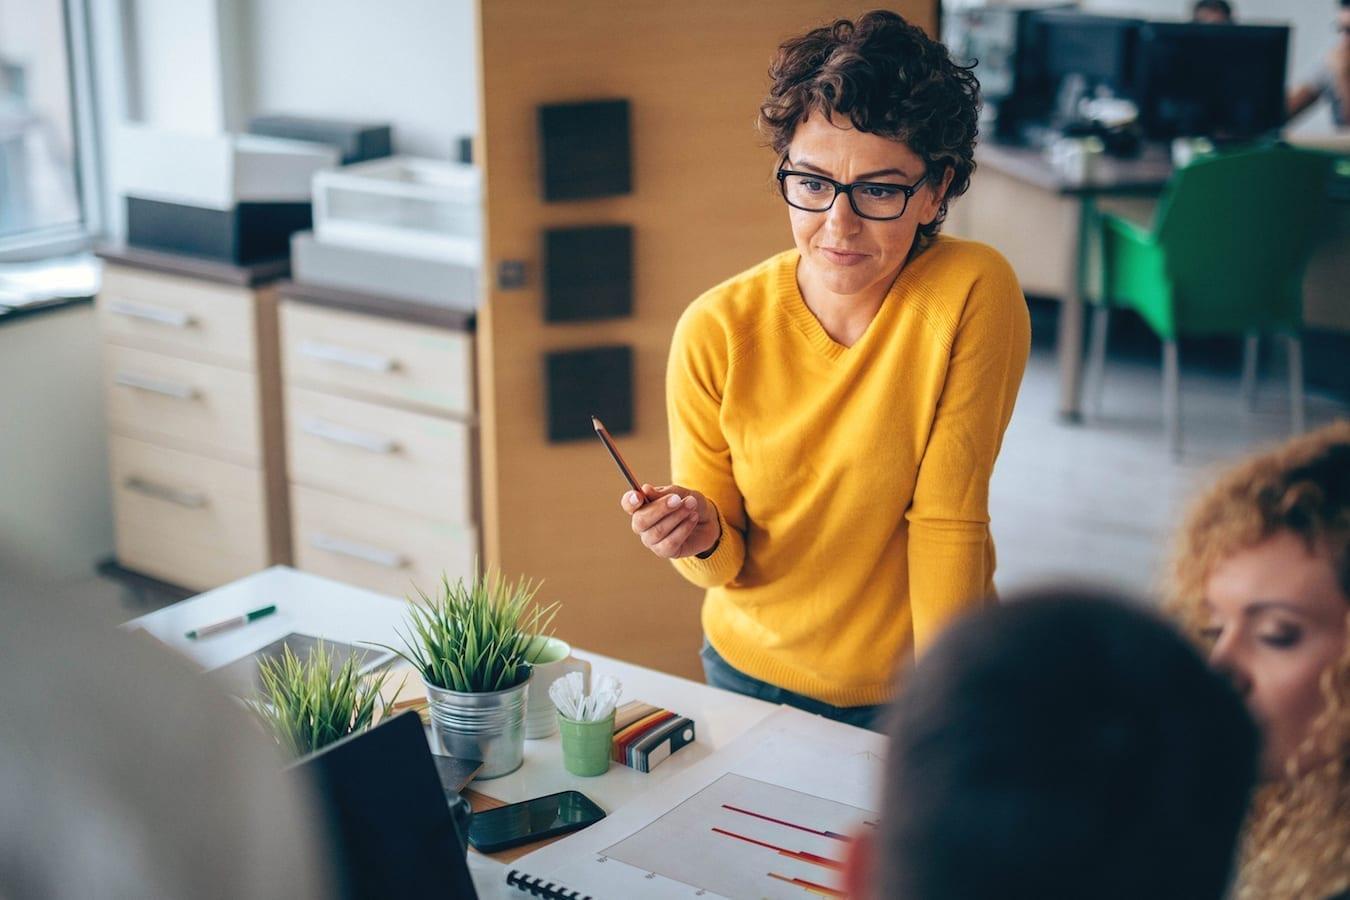 Confiance, courage, curiosité : 3 piliers pour renforcer votre leadership